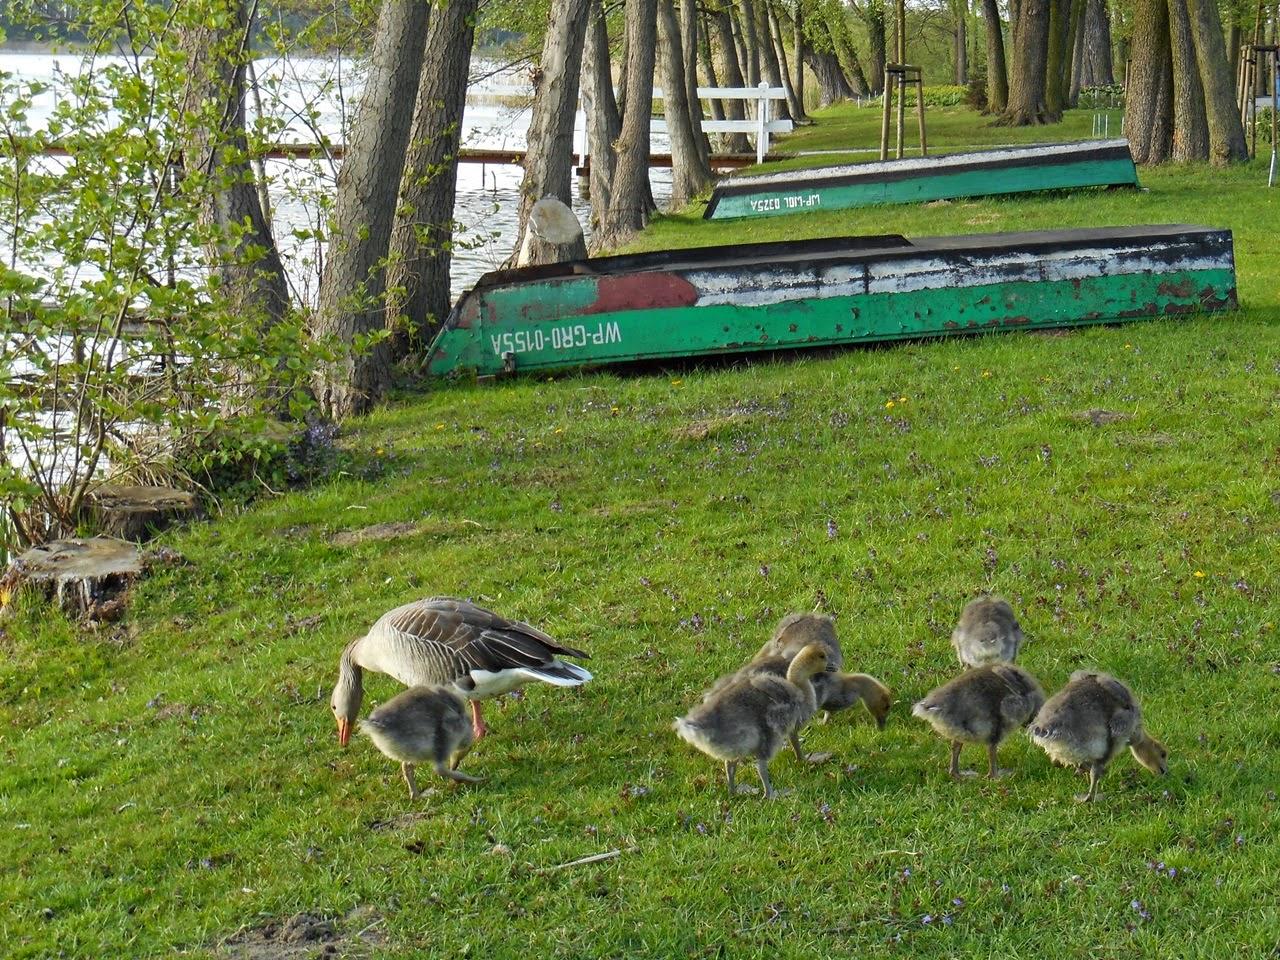 gęsi, gąski, łodzie, jezioro, przyroda, ptaki